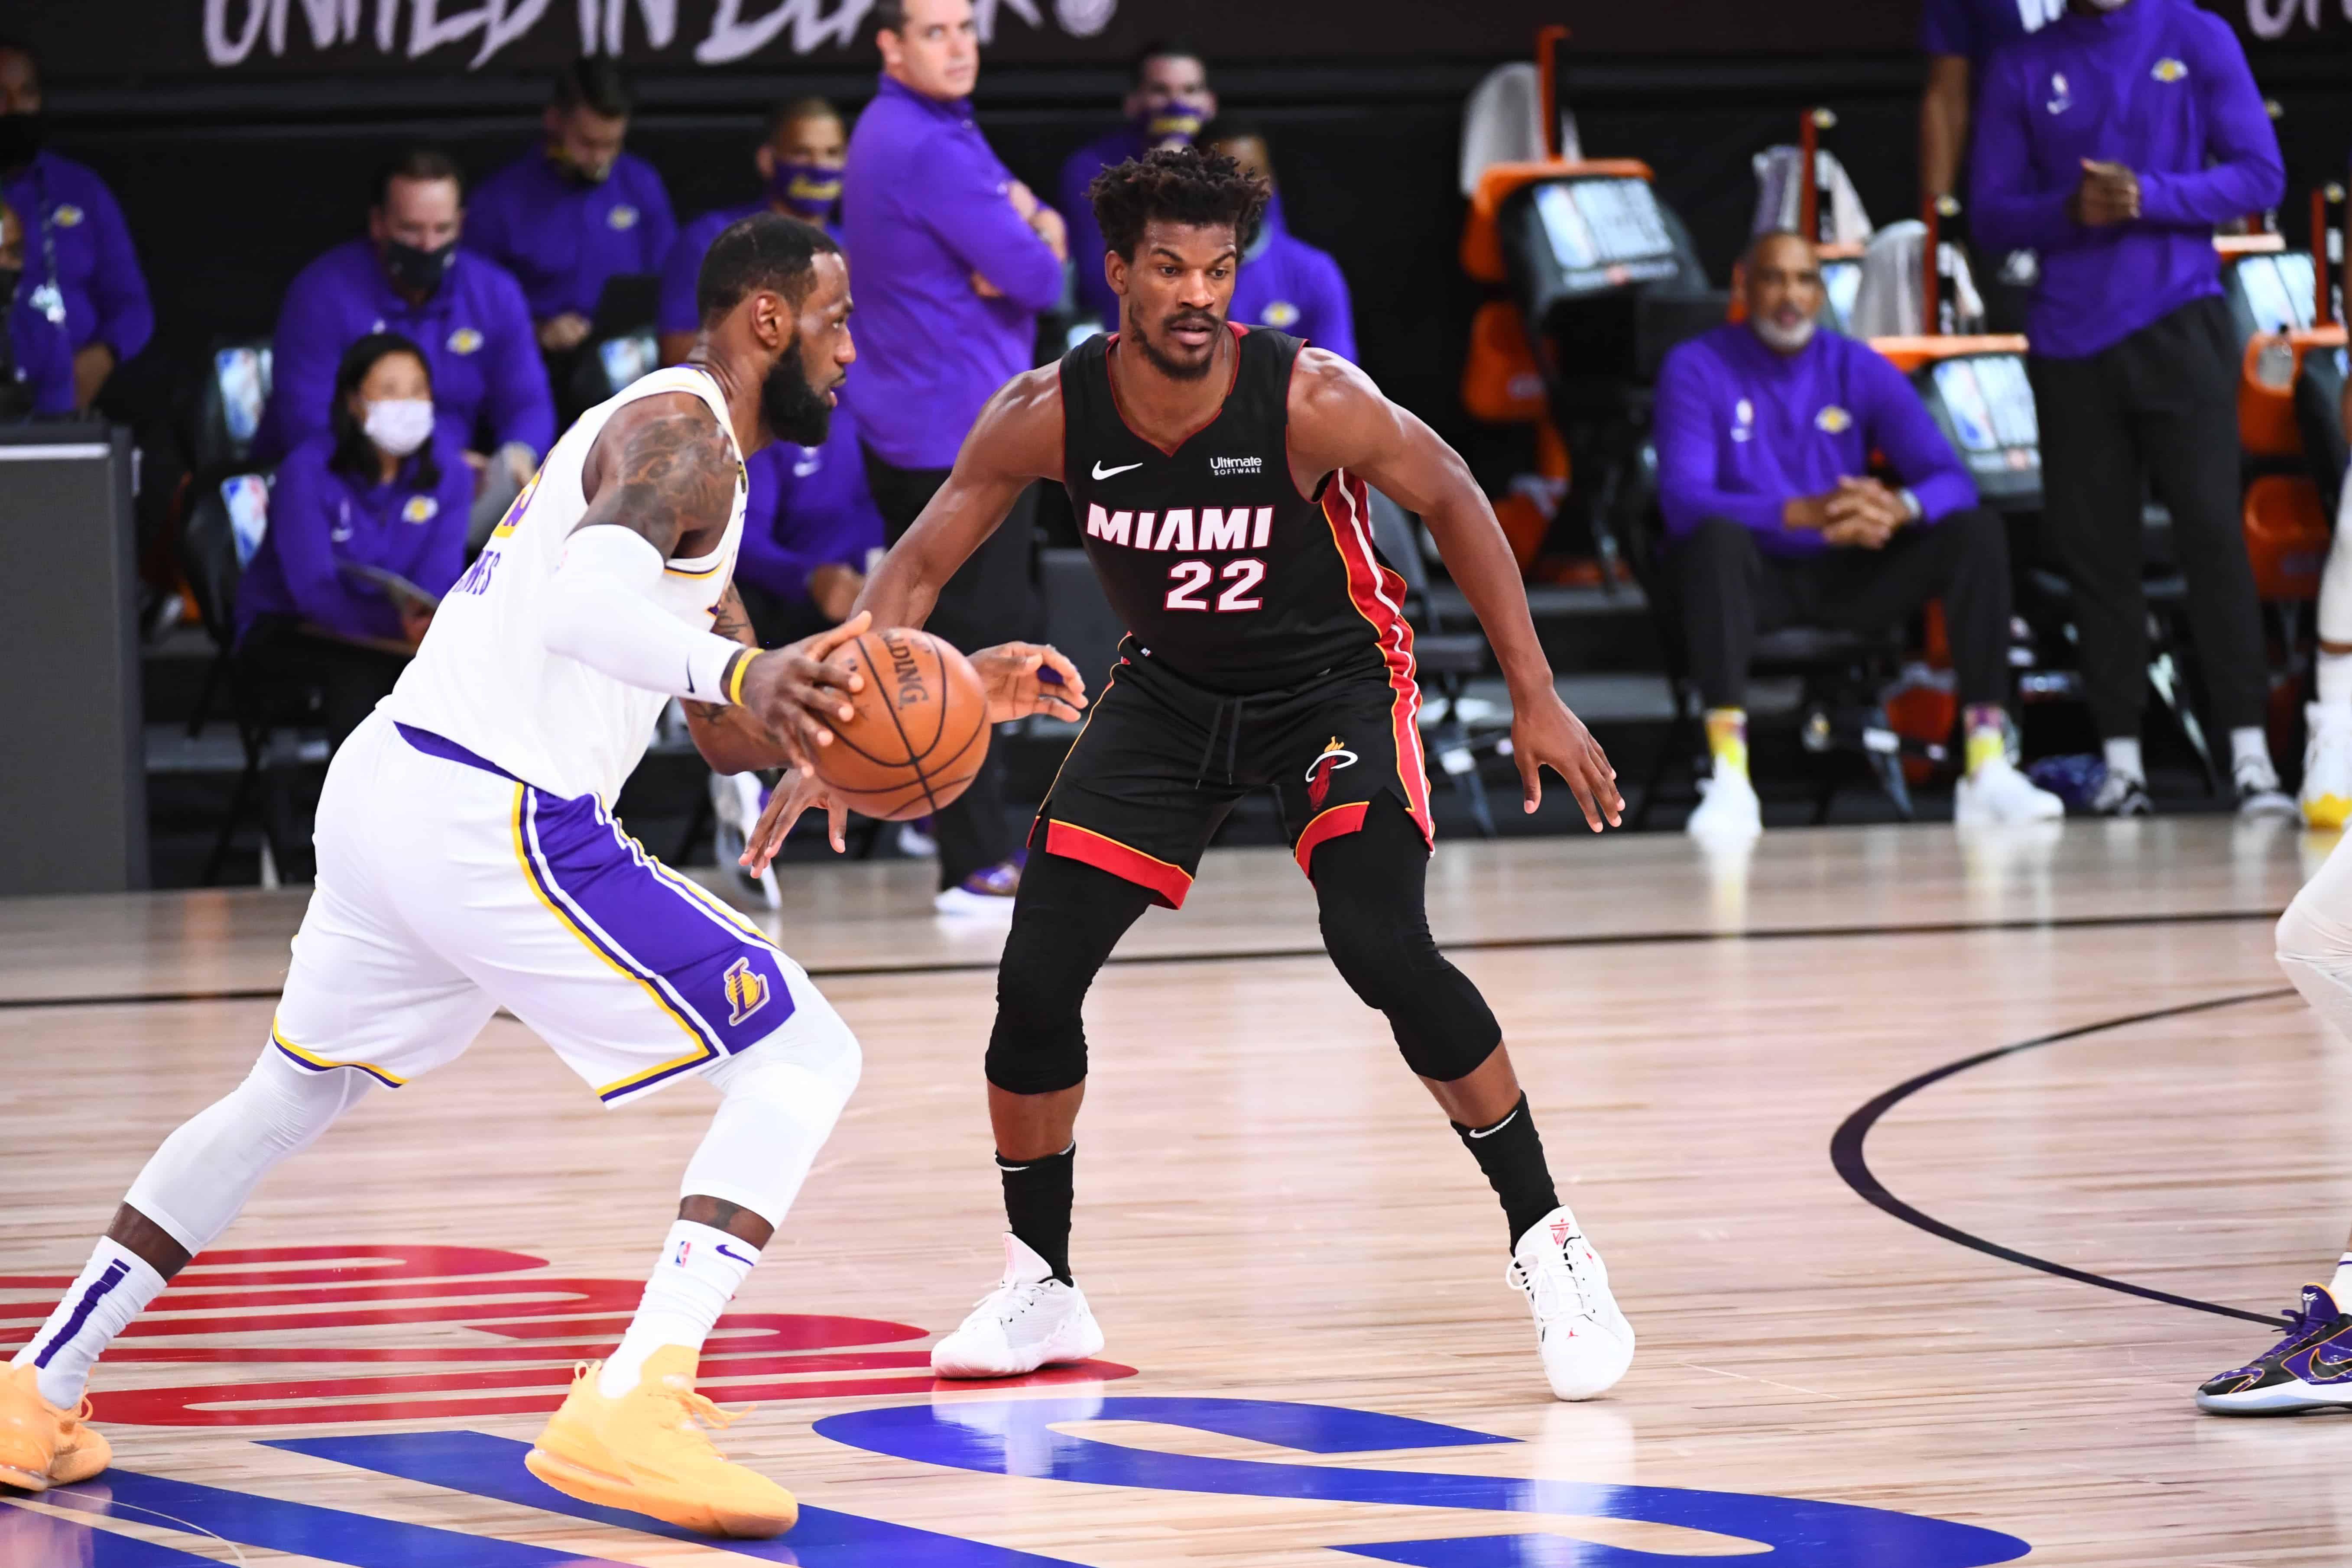 Los Angeles Lakers Vapulearon A Miami Heat Y Son Campeones De La Nba Tyc Sports En 2020 Campeones De La Nba Miami Heat Campeones